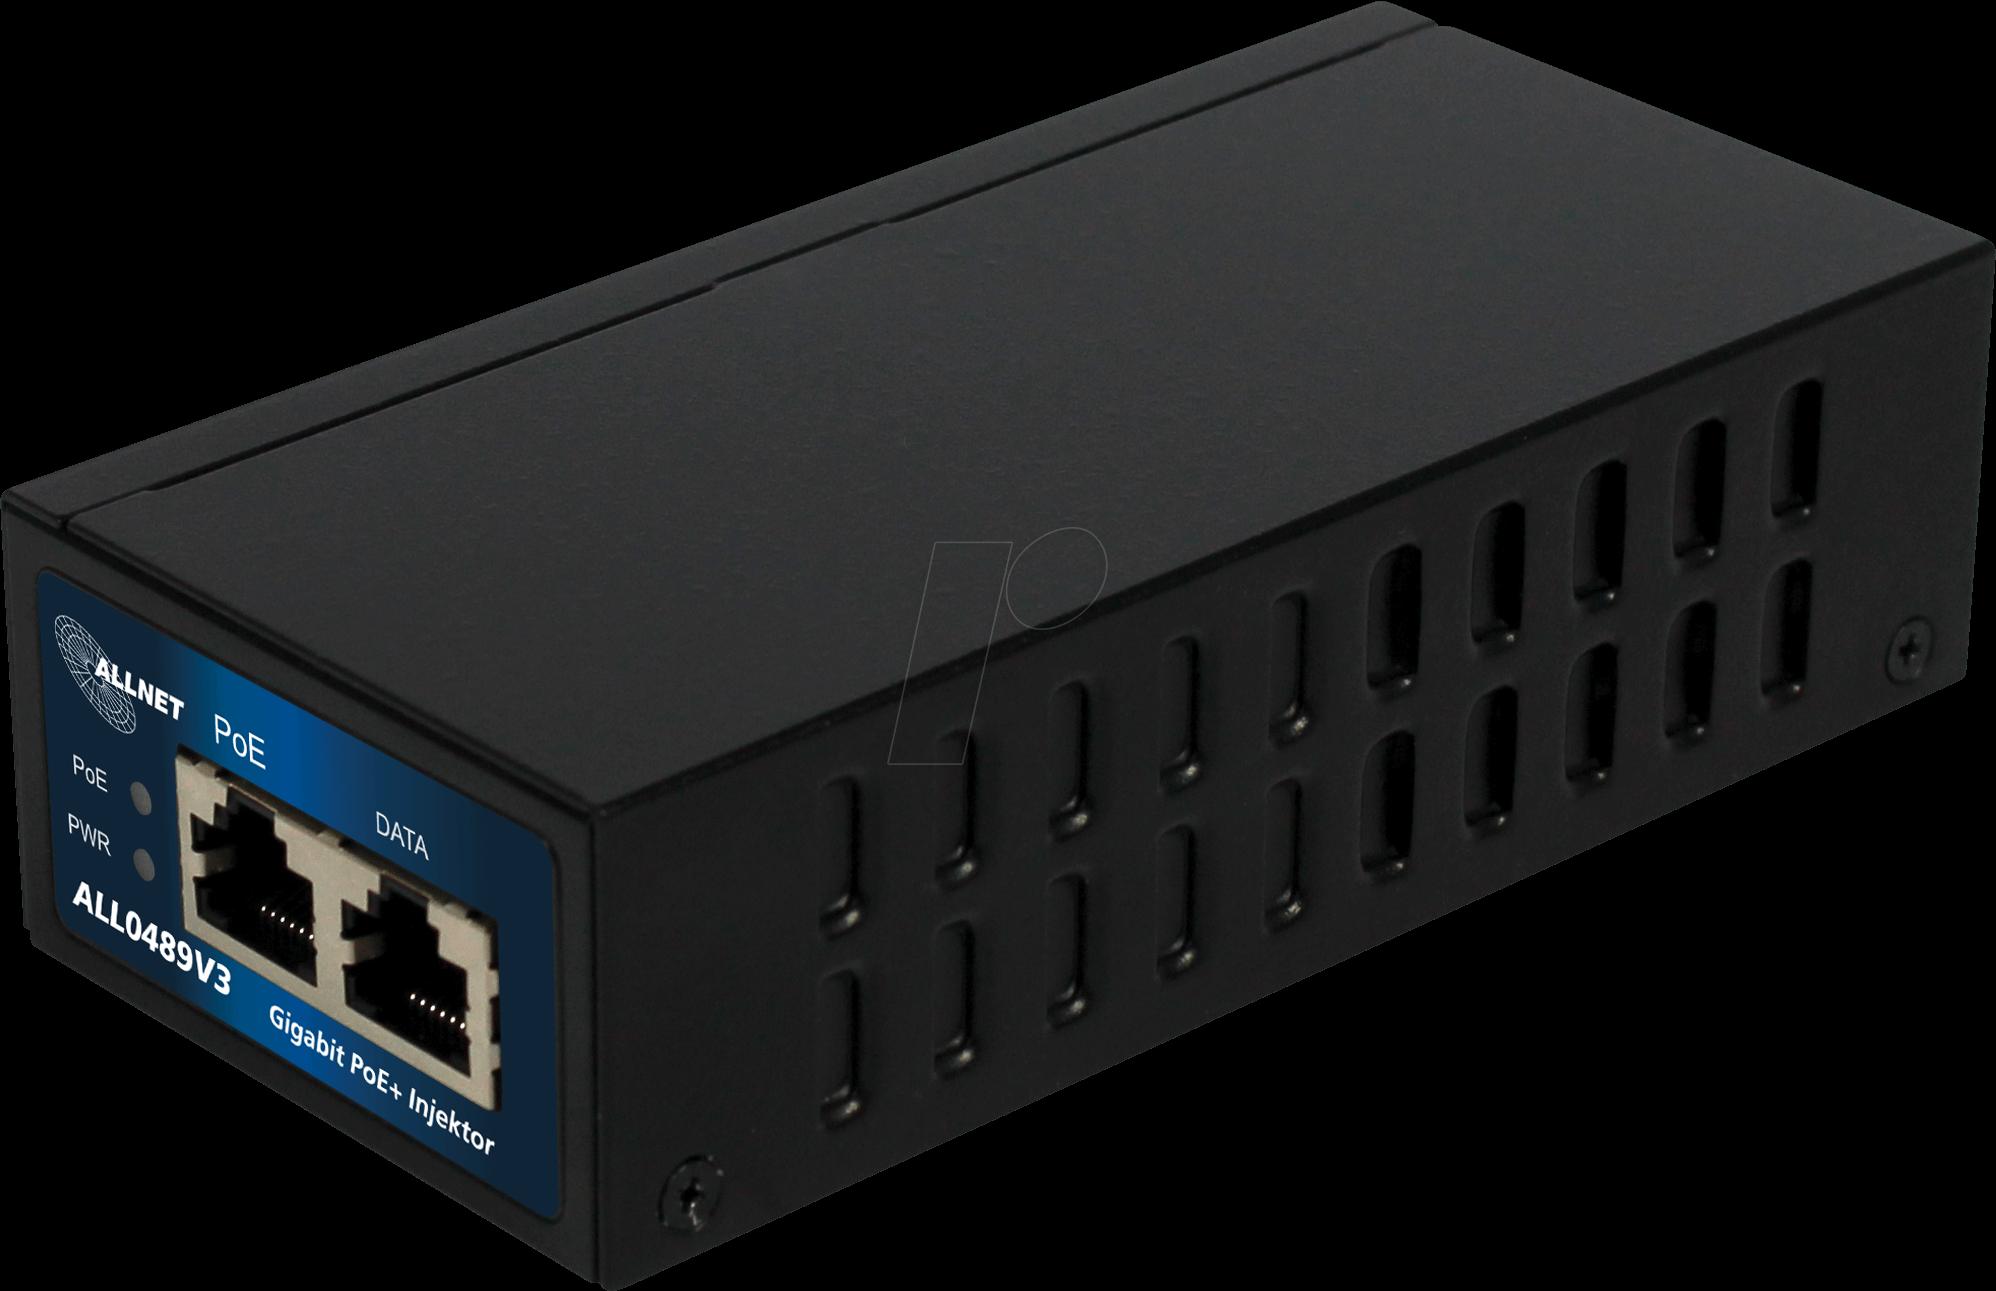 ALLNET ALL0489V3 - Power over Ethernet (POE) Gigabit injector